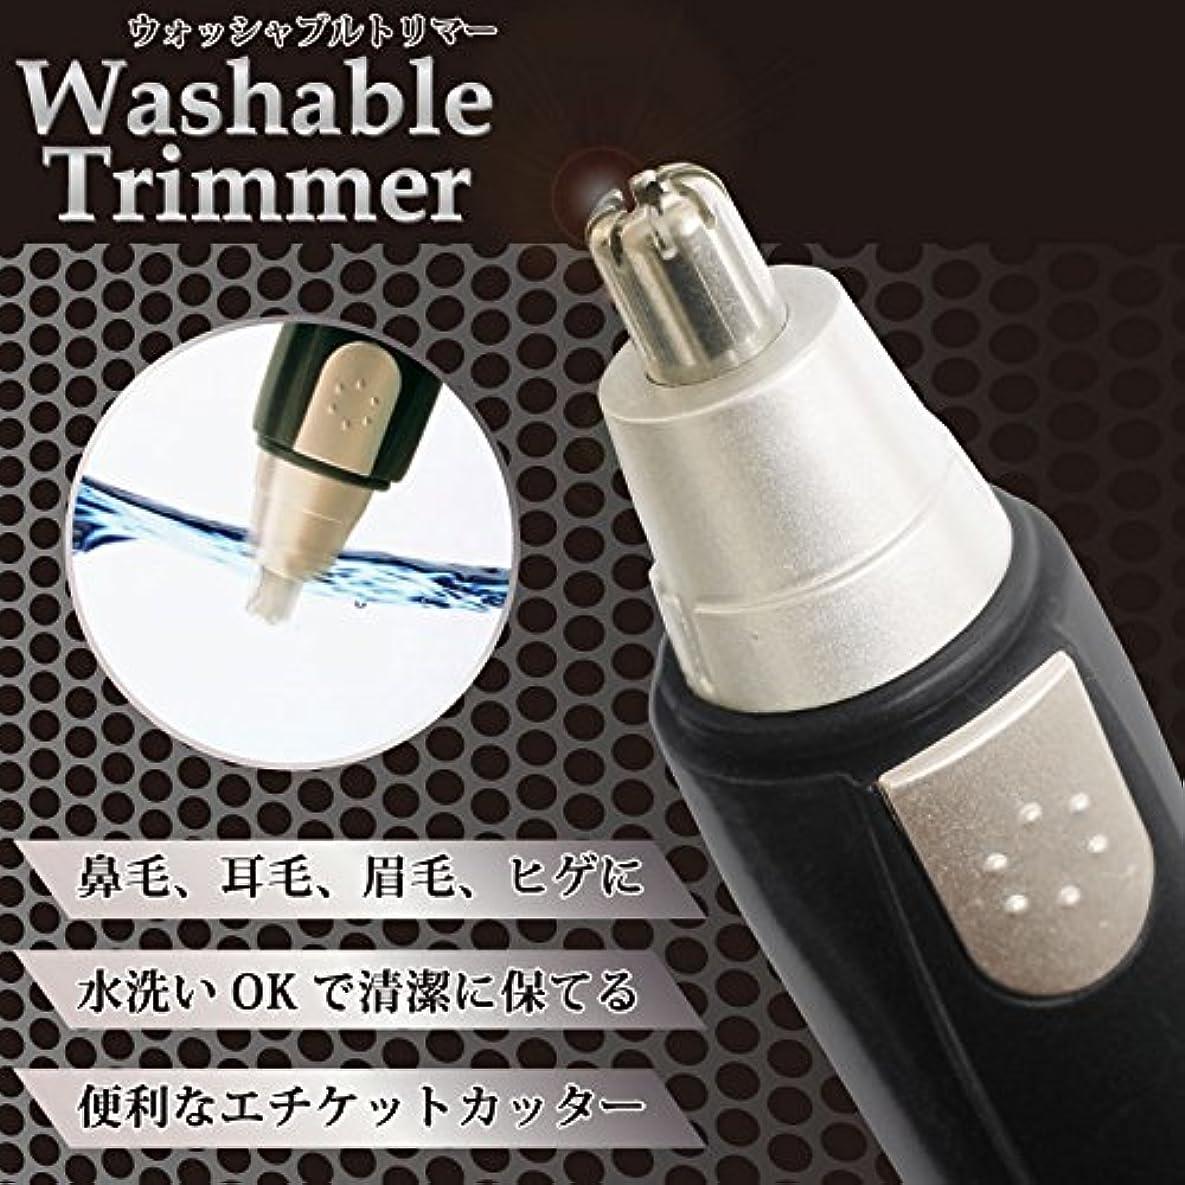 落胆させる結び目質量ウォッシャブルトリマー HRN-250水洗いOK 乾電池式 専用ブラシ付 小型エチケットカッター